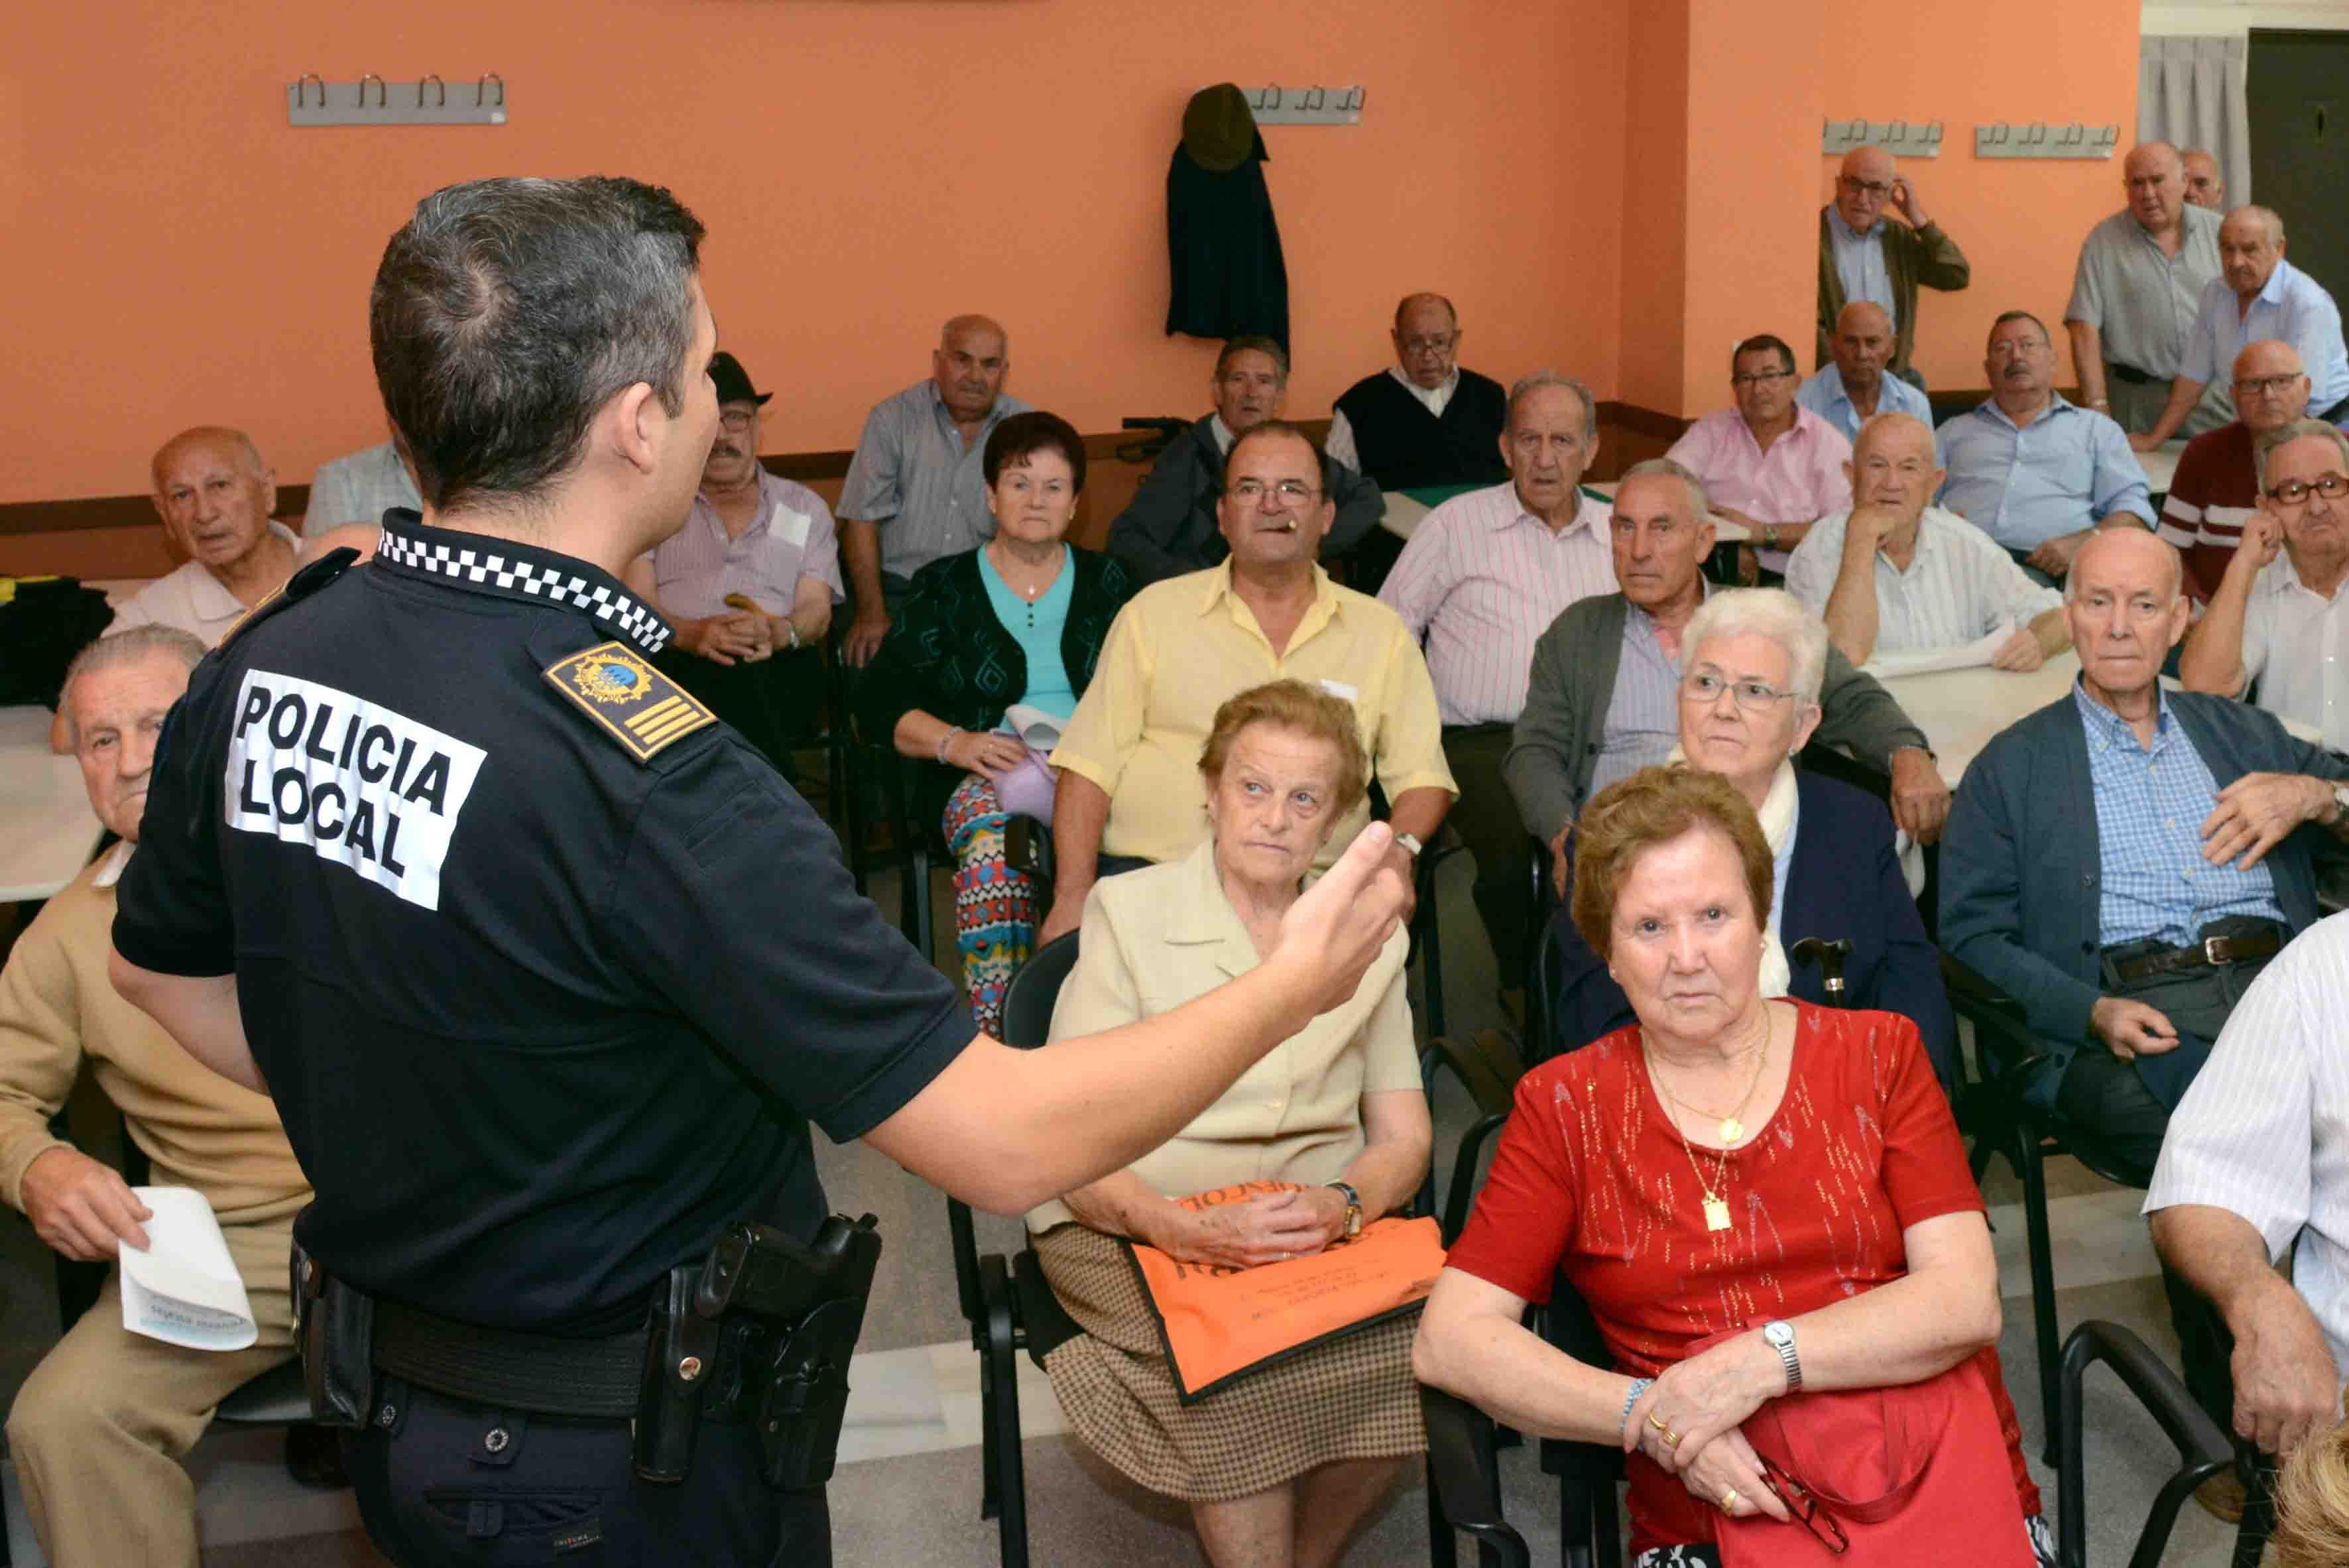 La Policía Local de Paiporta inicia sus acciones de formación con motivo de la 'Quincena de la Prevención'